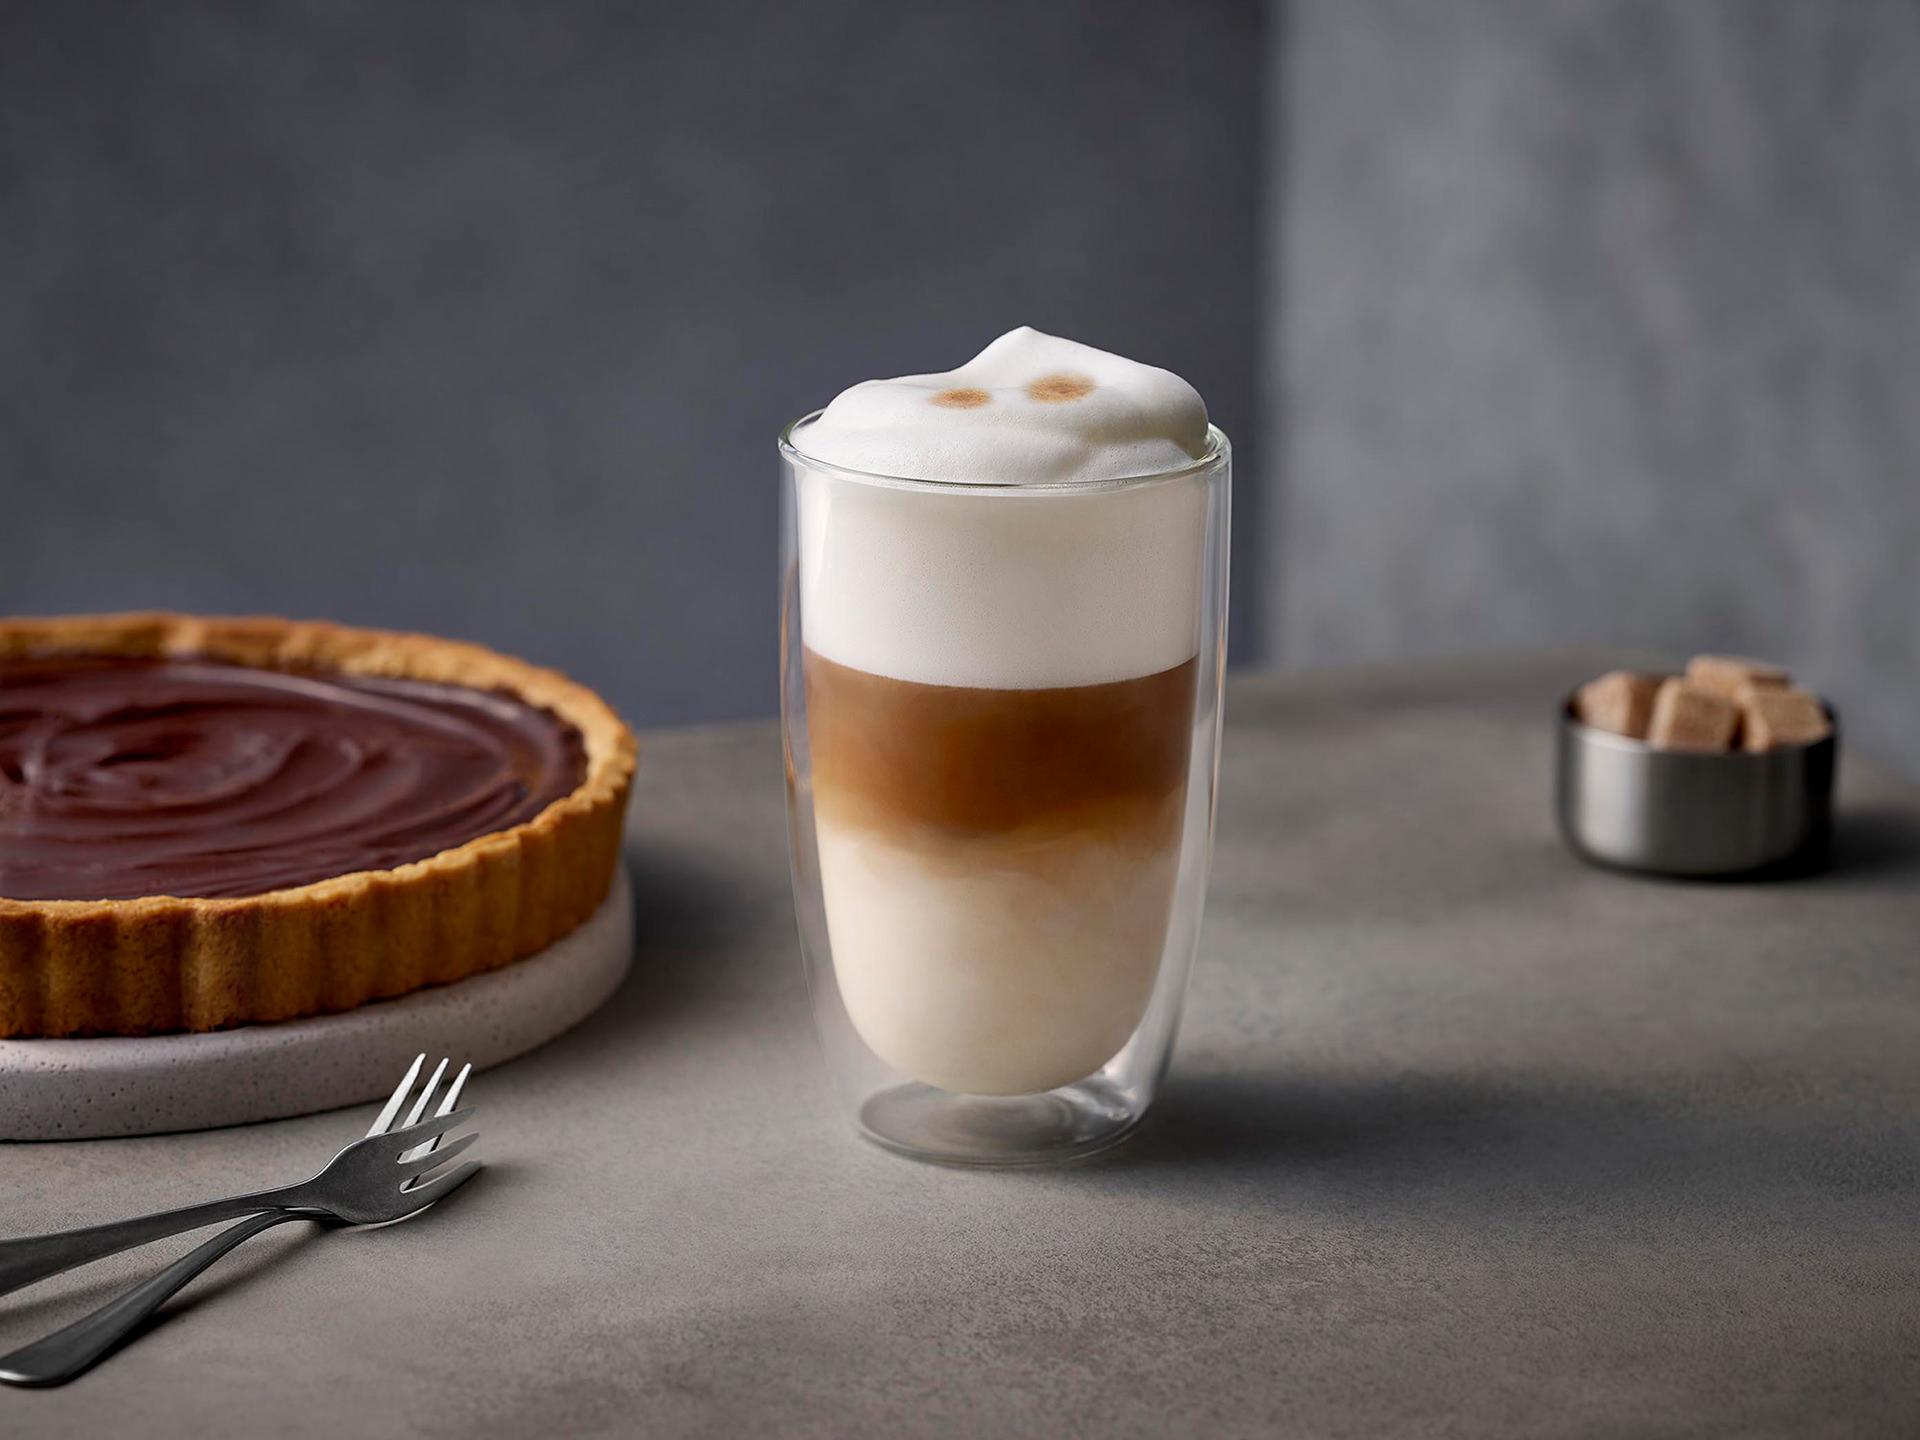 latte-macchiato-glas-milchschaum-siemens